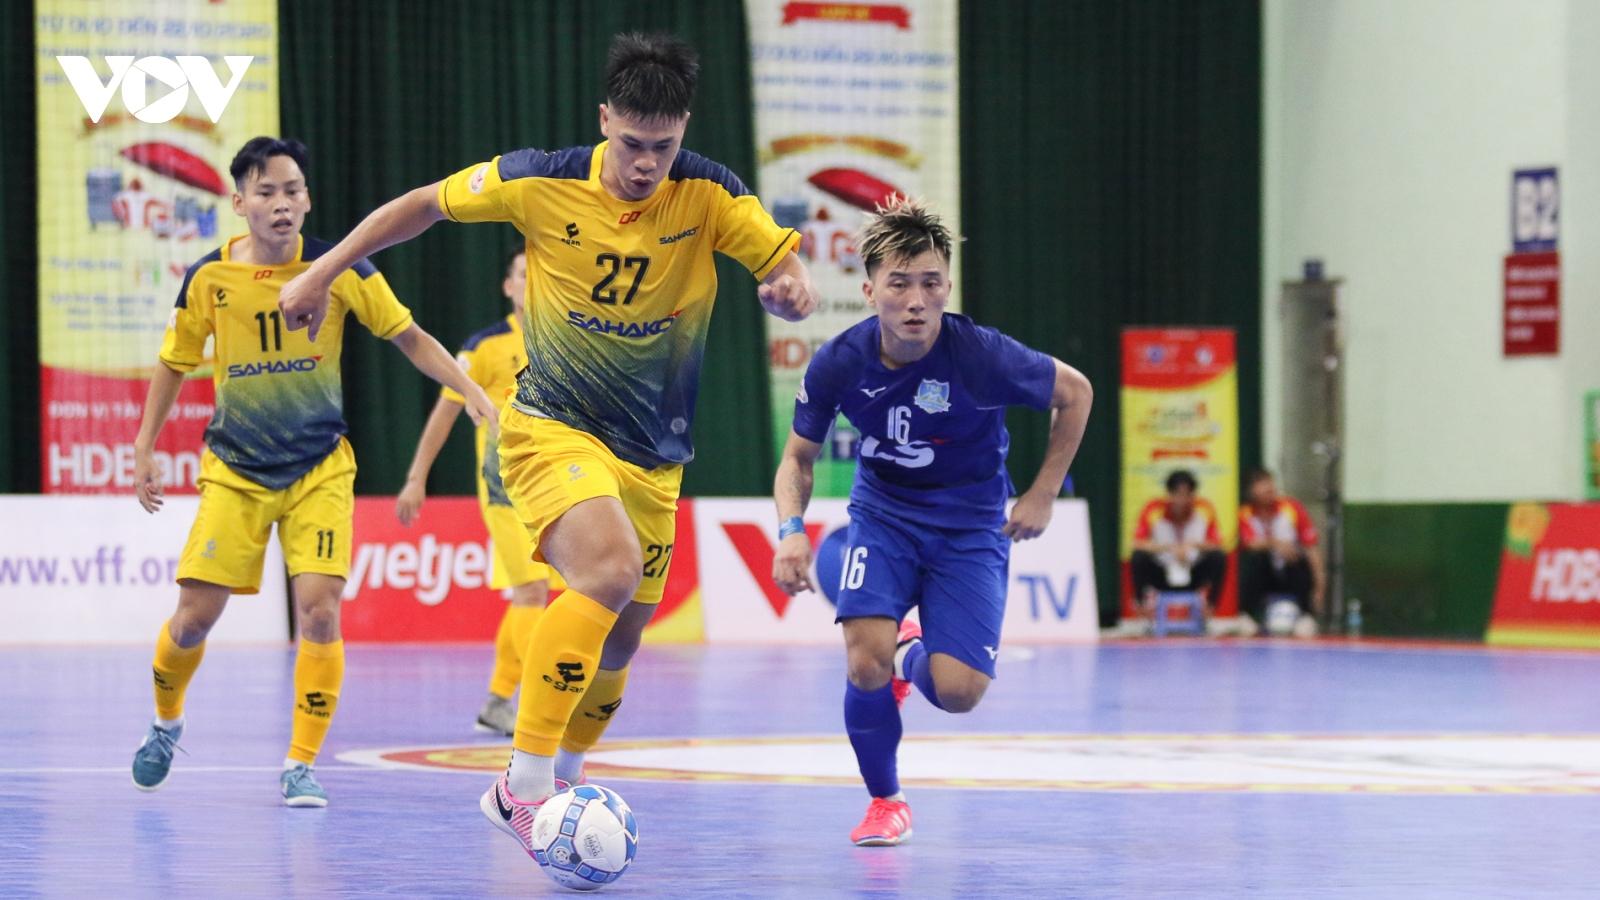 Lượt 10 giải futsal HDBank VĐQG 2020: Đắc Huy ghi bàn, Sahako chật vật giành 1 điểm